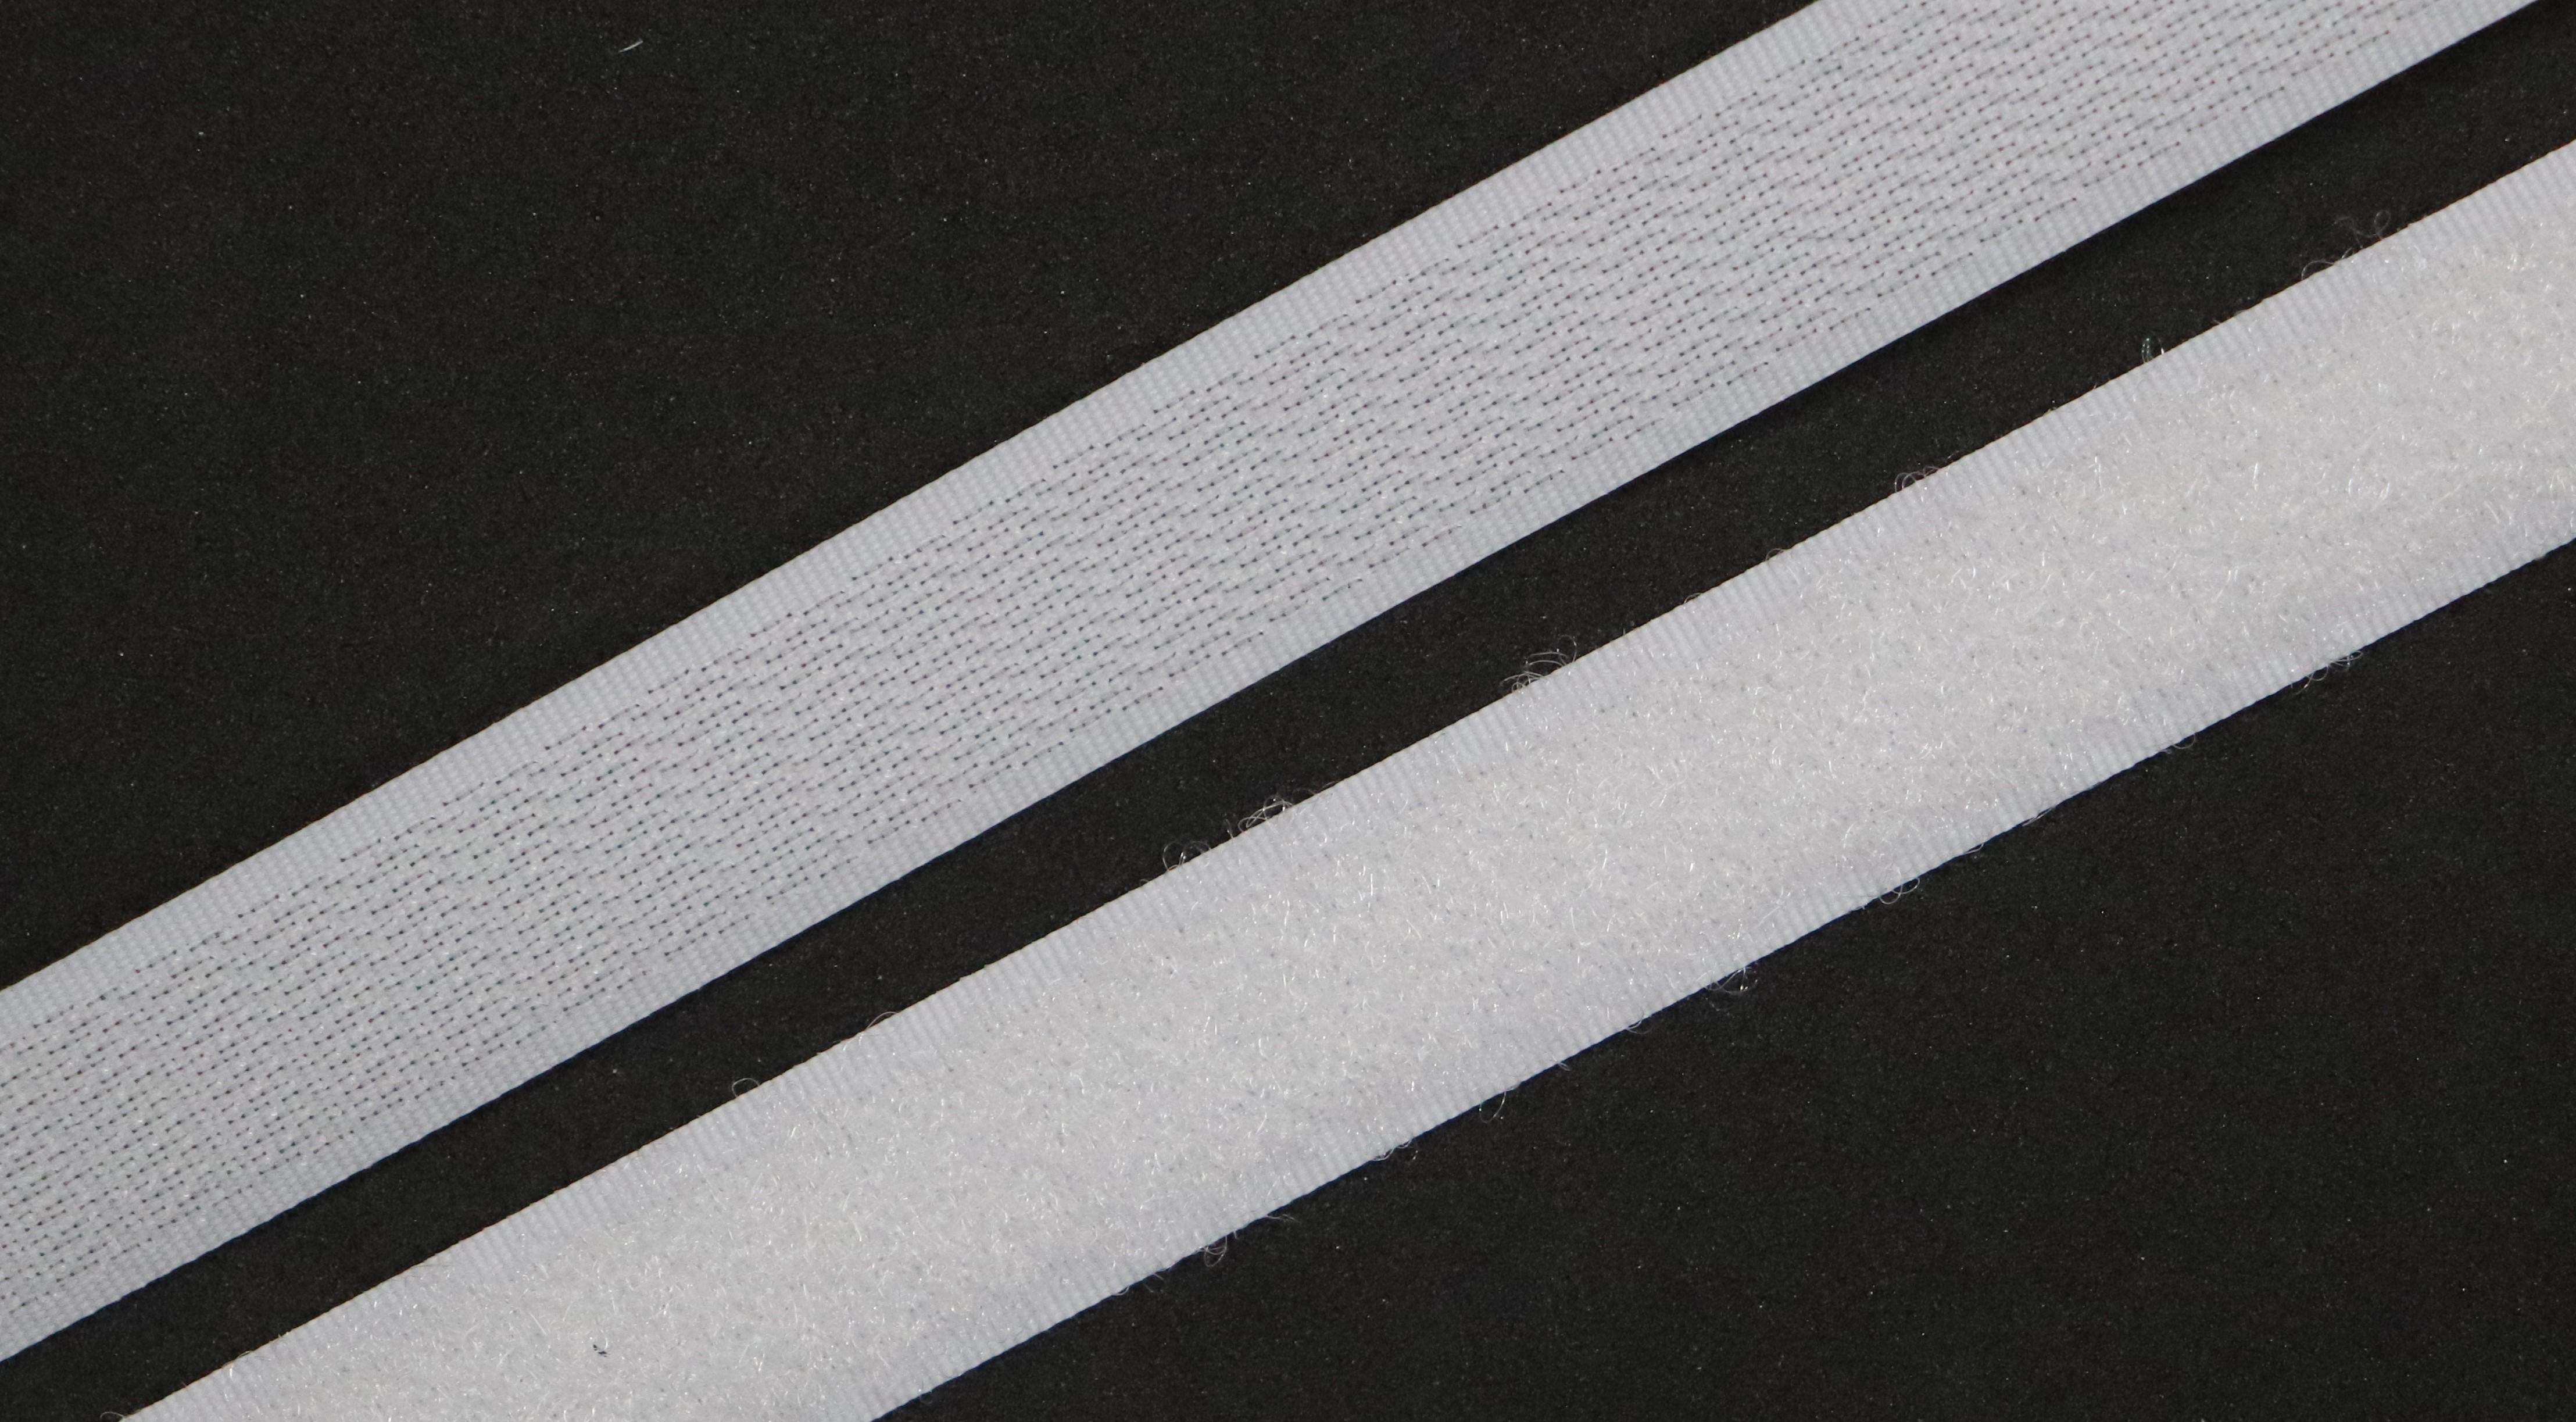 Suchý zip háèek + plyš 16 mm - zvìtšit obrázek